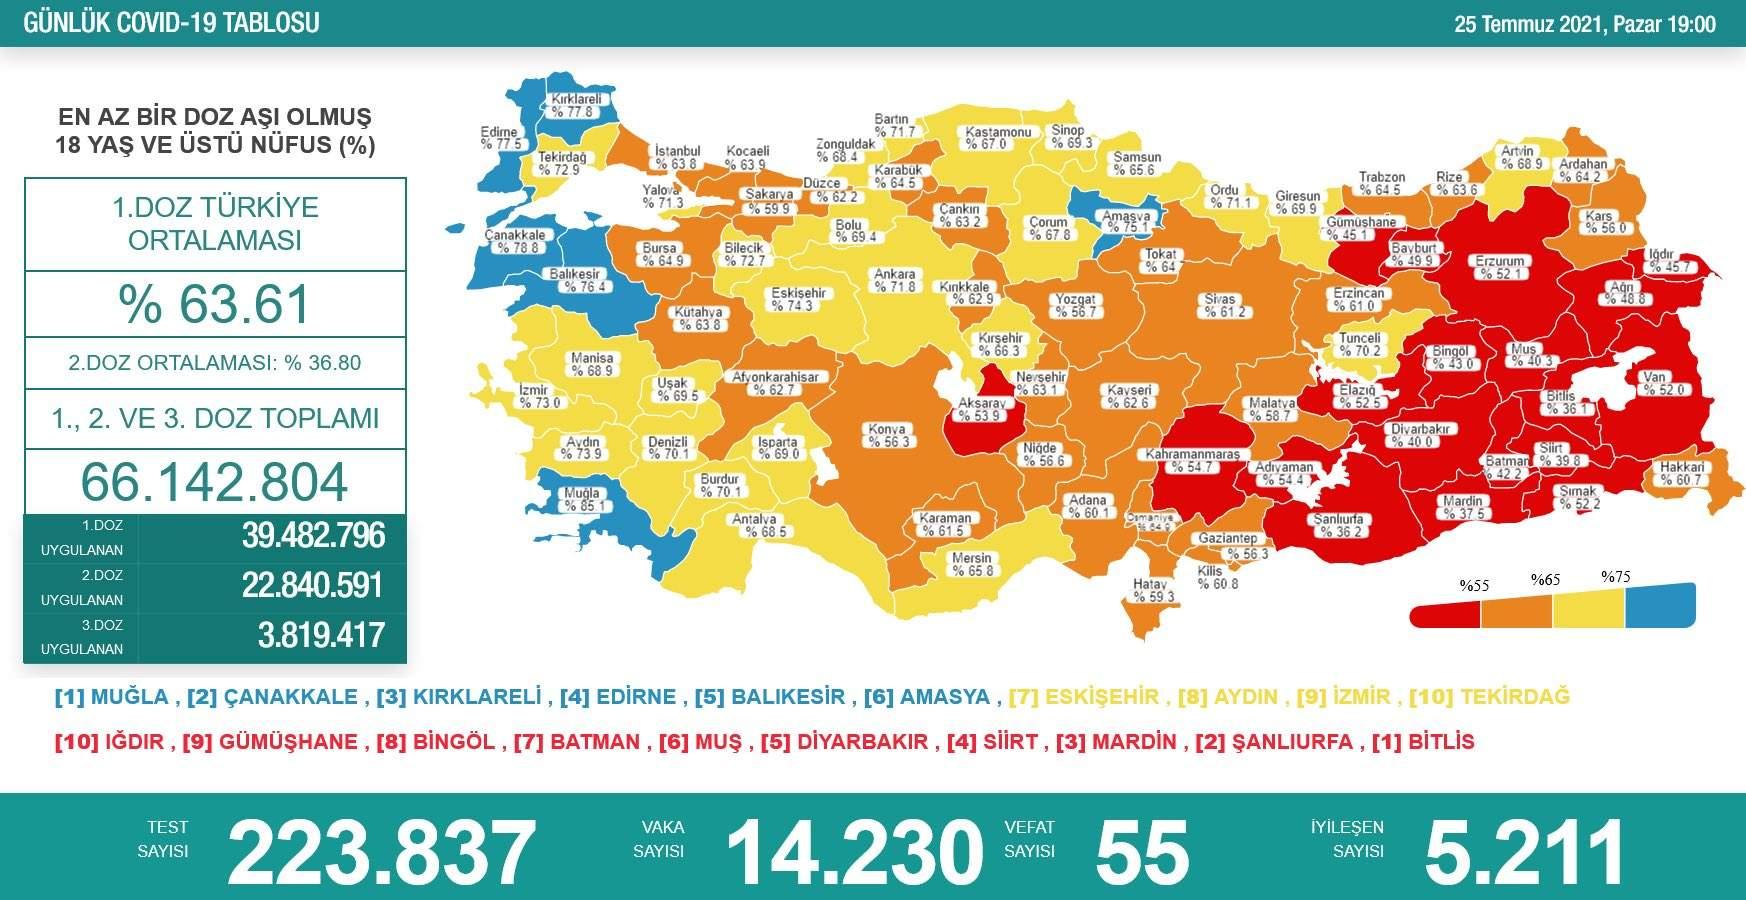 Sağlık Bakanlığı,Türkiye'nin son 24 saatlik korona virüs tablosunu açıkladı